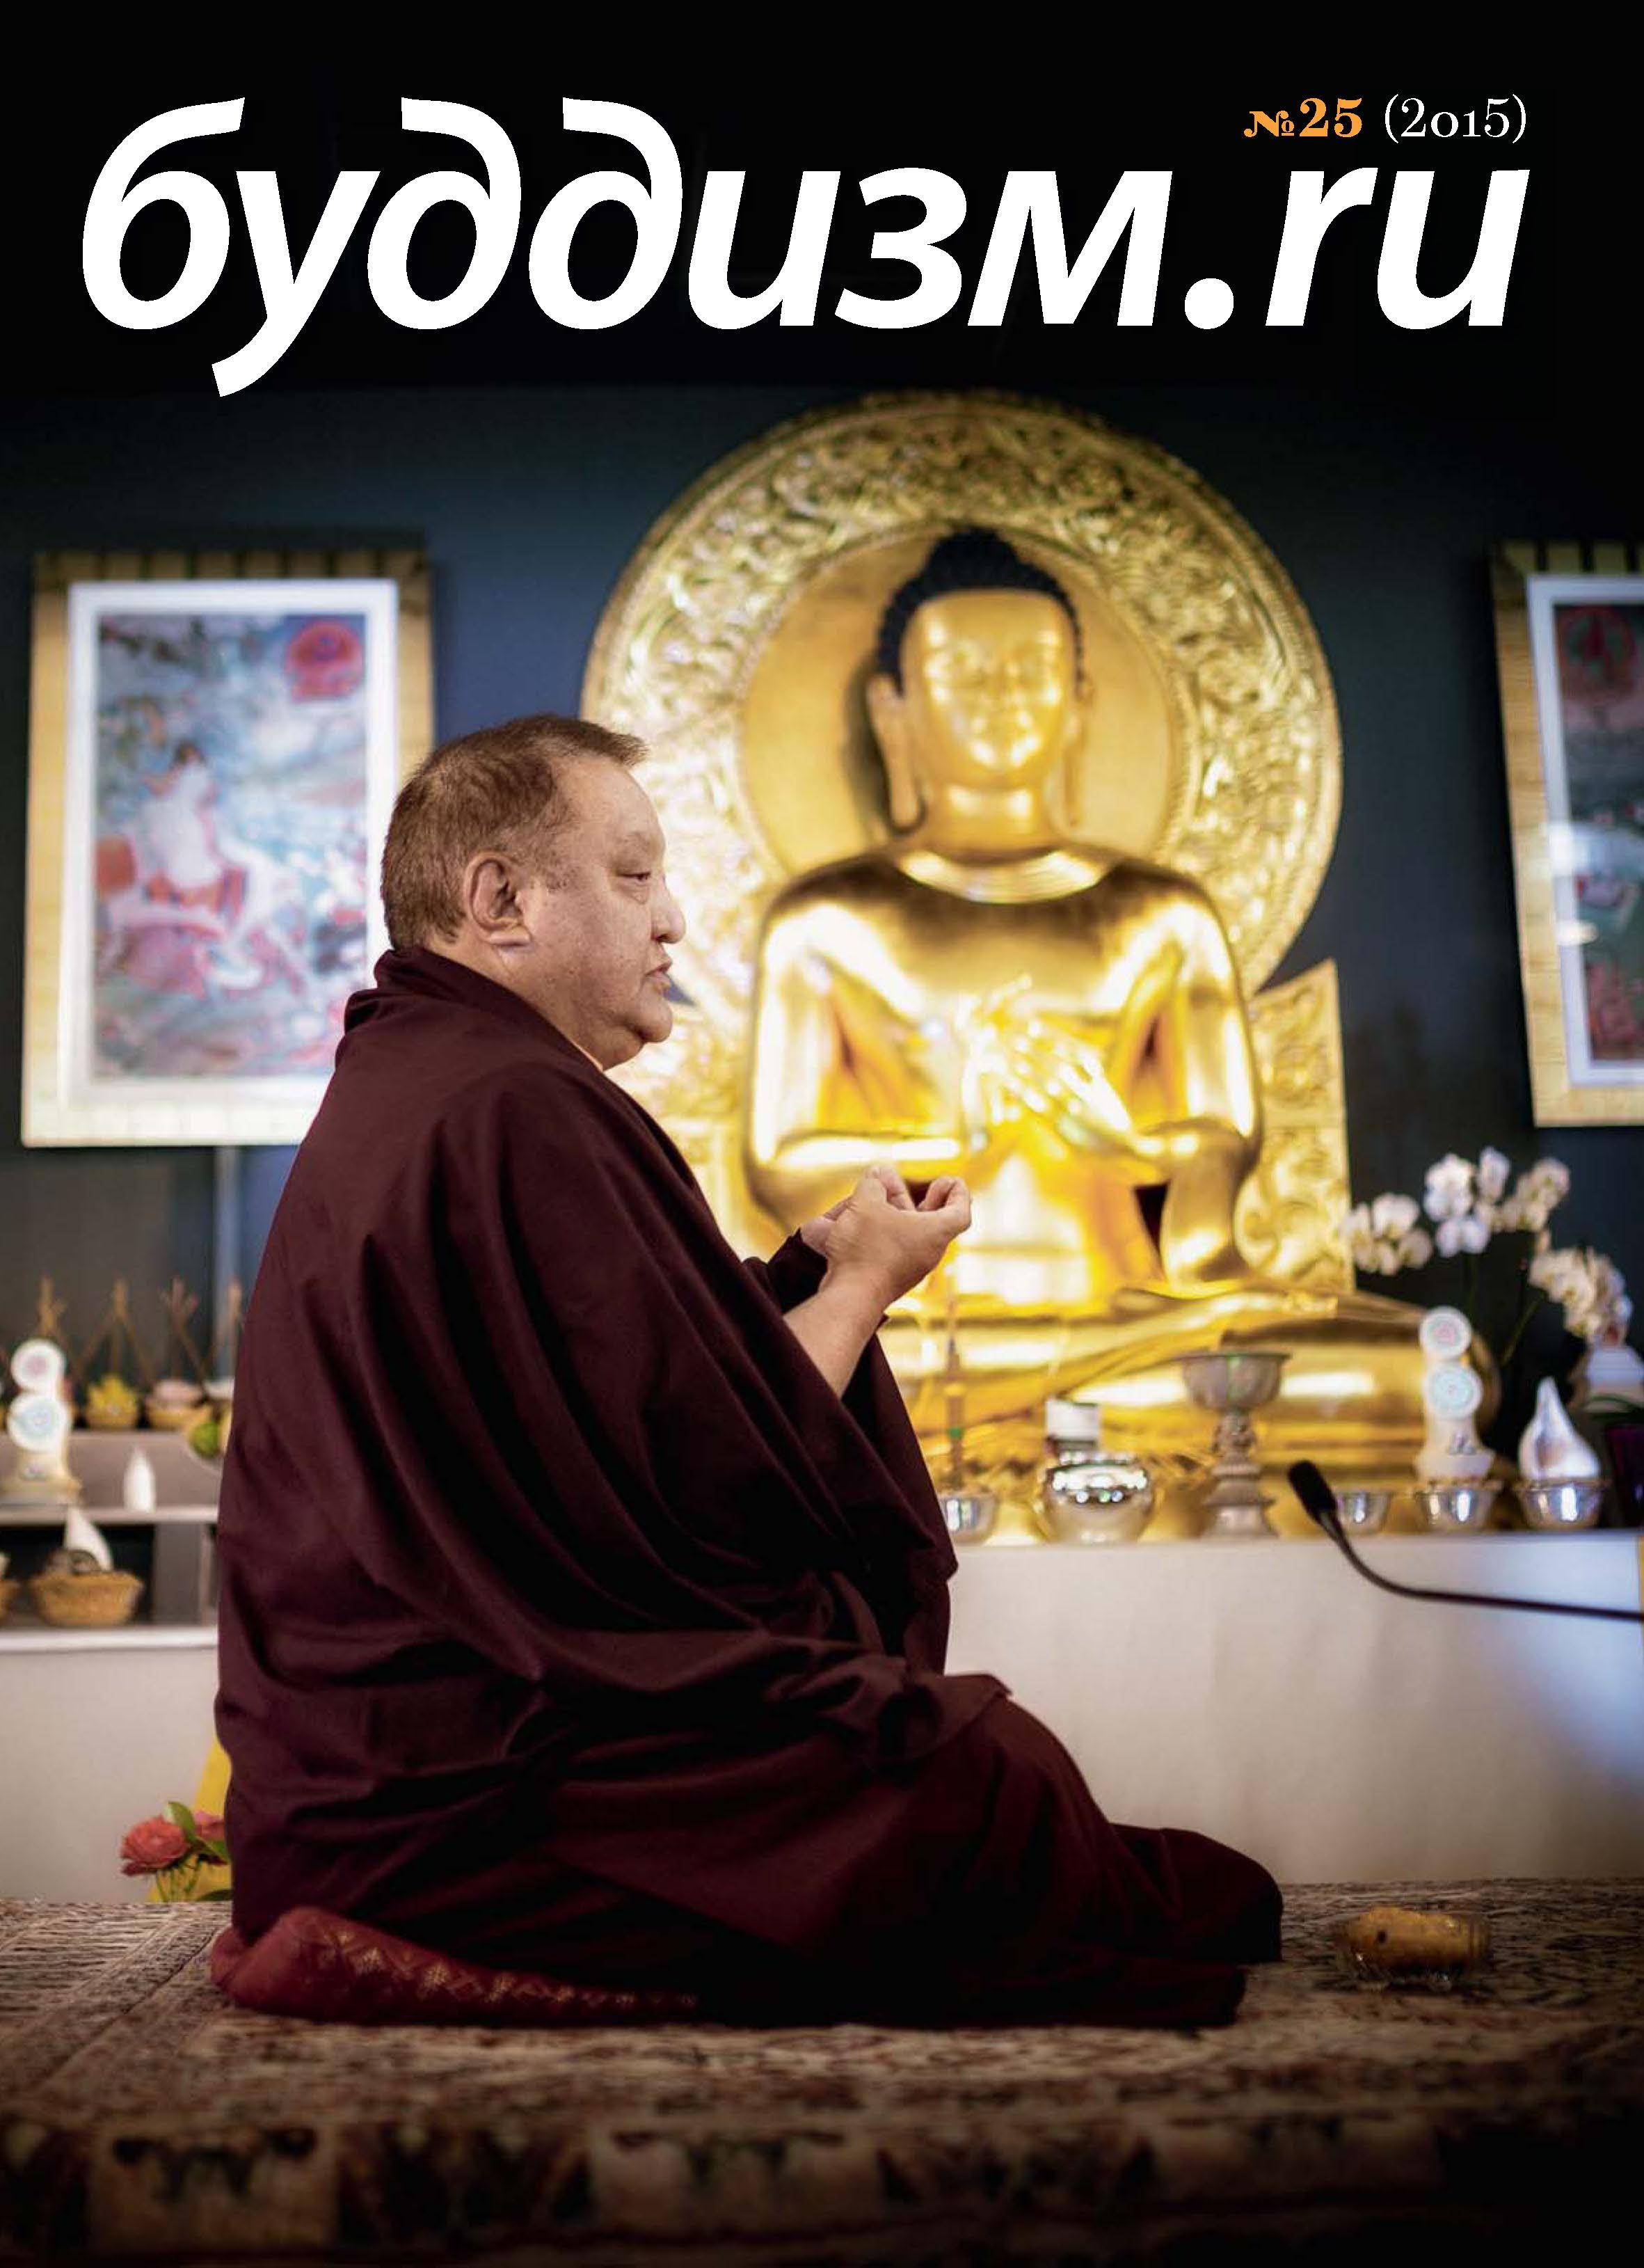 Отсутствует Буддизм.ru №25 (2015) открытие алмазного пути тибетский буддизм встречается с западом